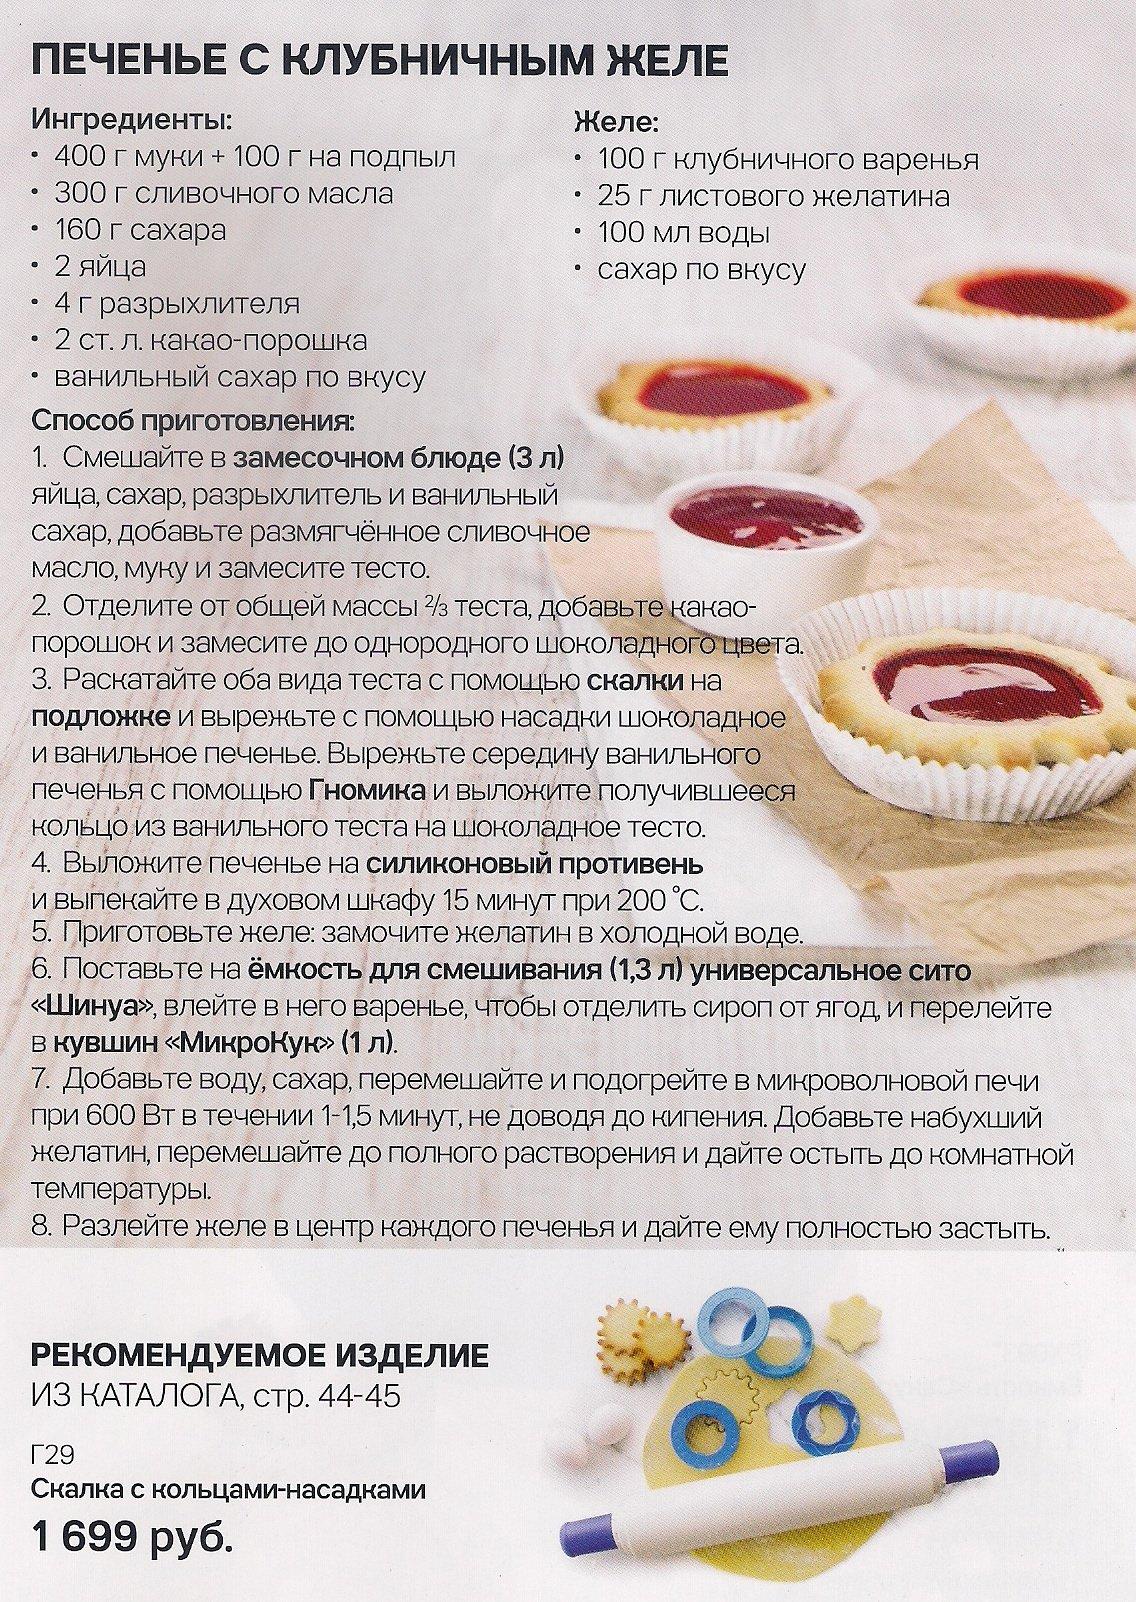 https://tupperware-online.ru/images/upload/s4.jpg